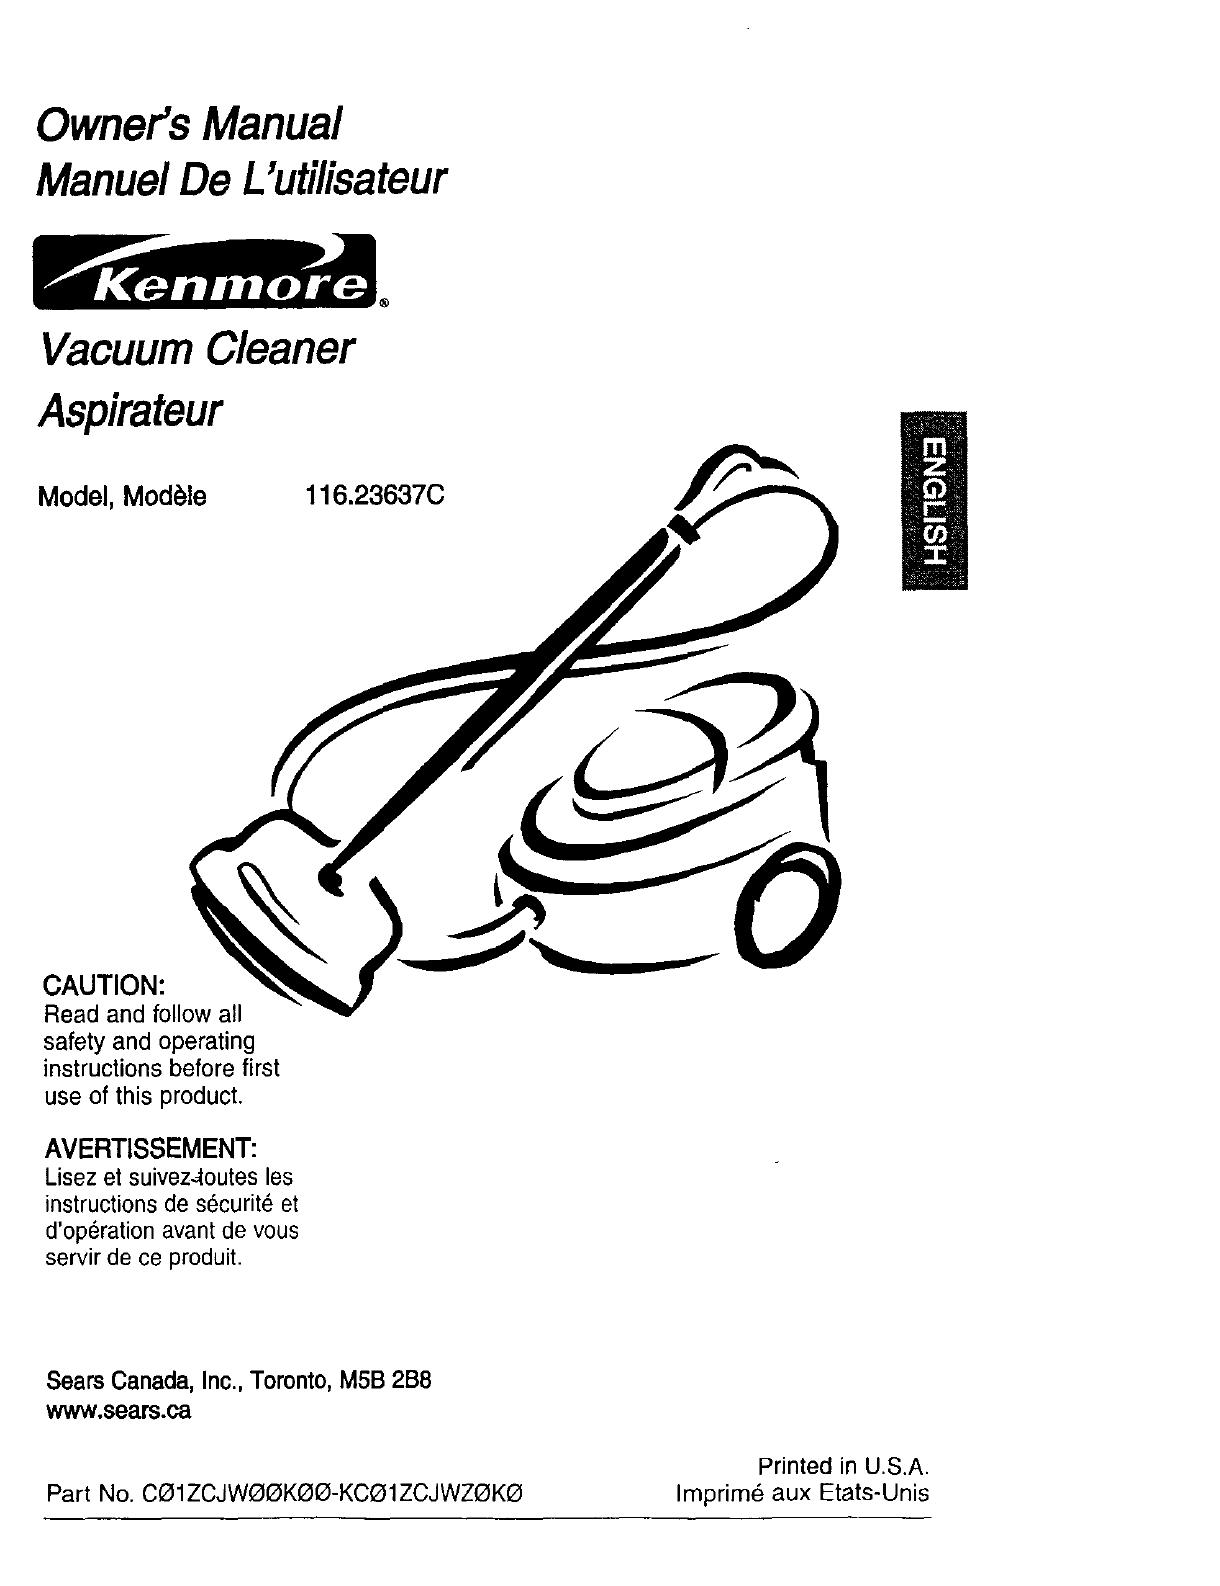 Kenmore Vacuum Cleaner 116.23637C User Guide